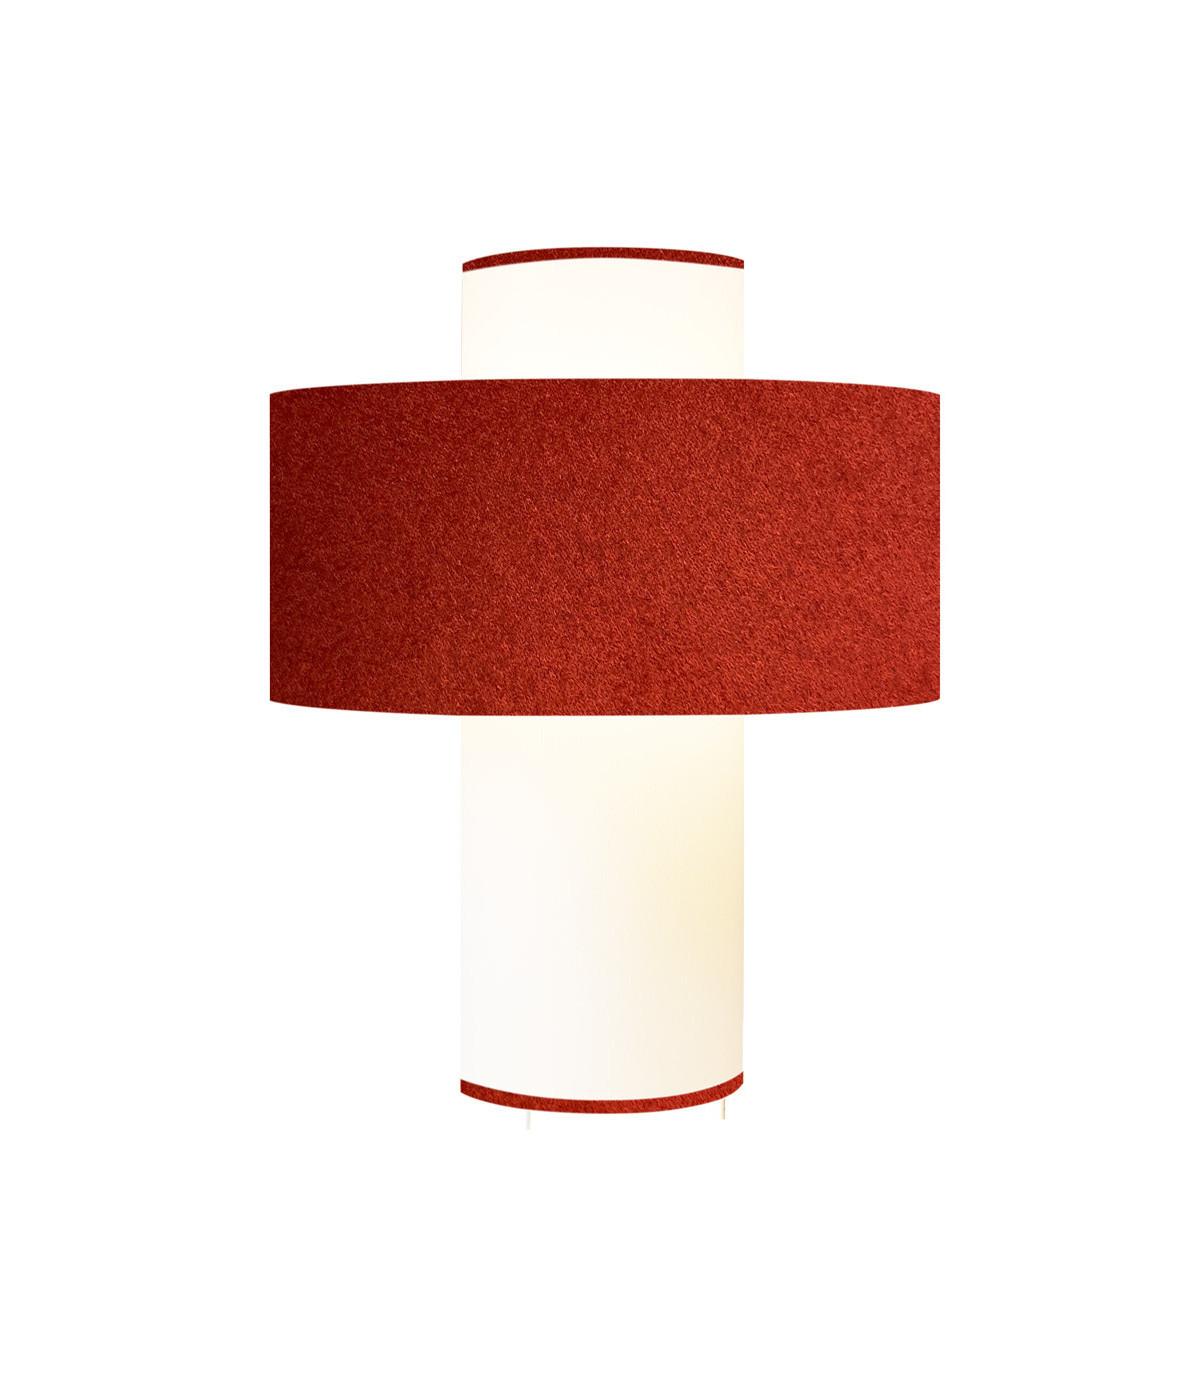 Lampe rouge D 35 cm